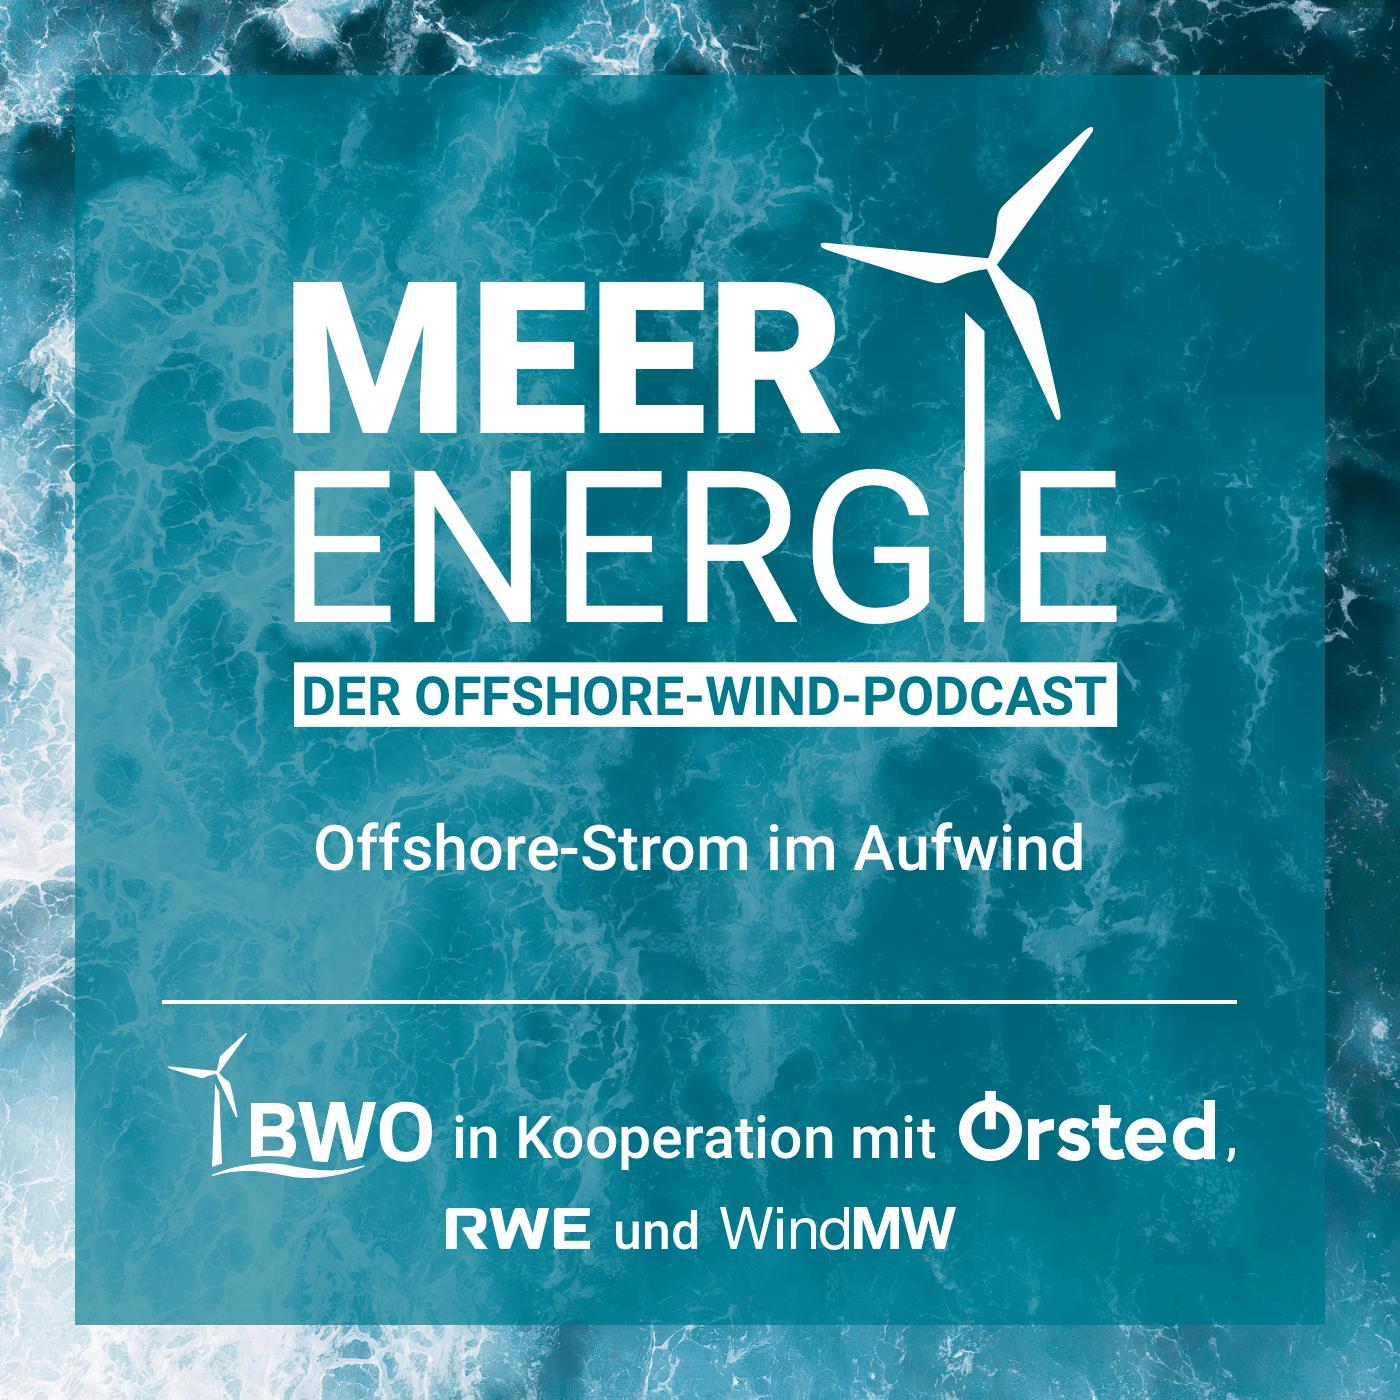 Offshore-Strom im Aufwind